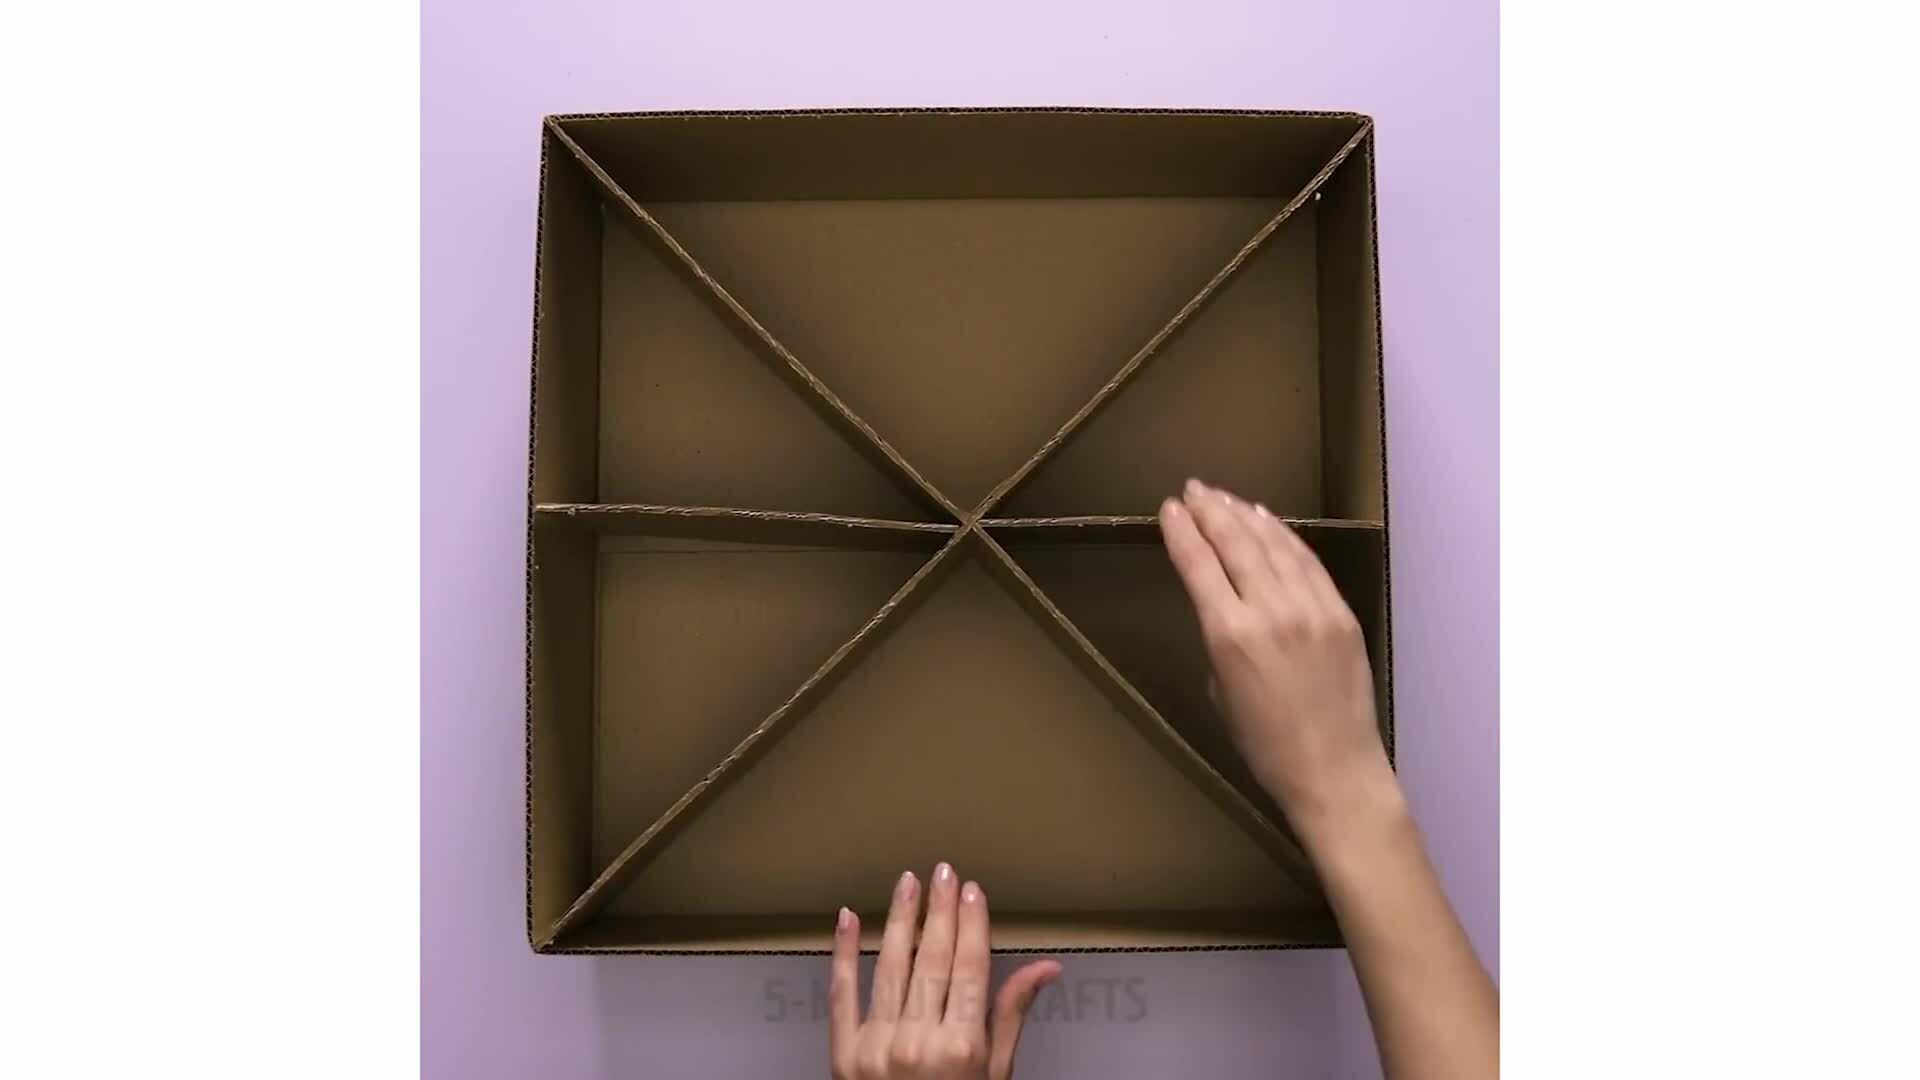 Tái chế hộp carton thành vật dụng trong nhà